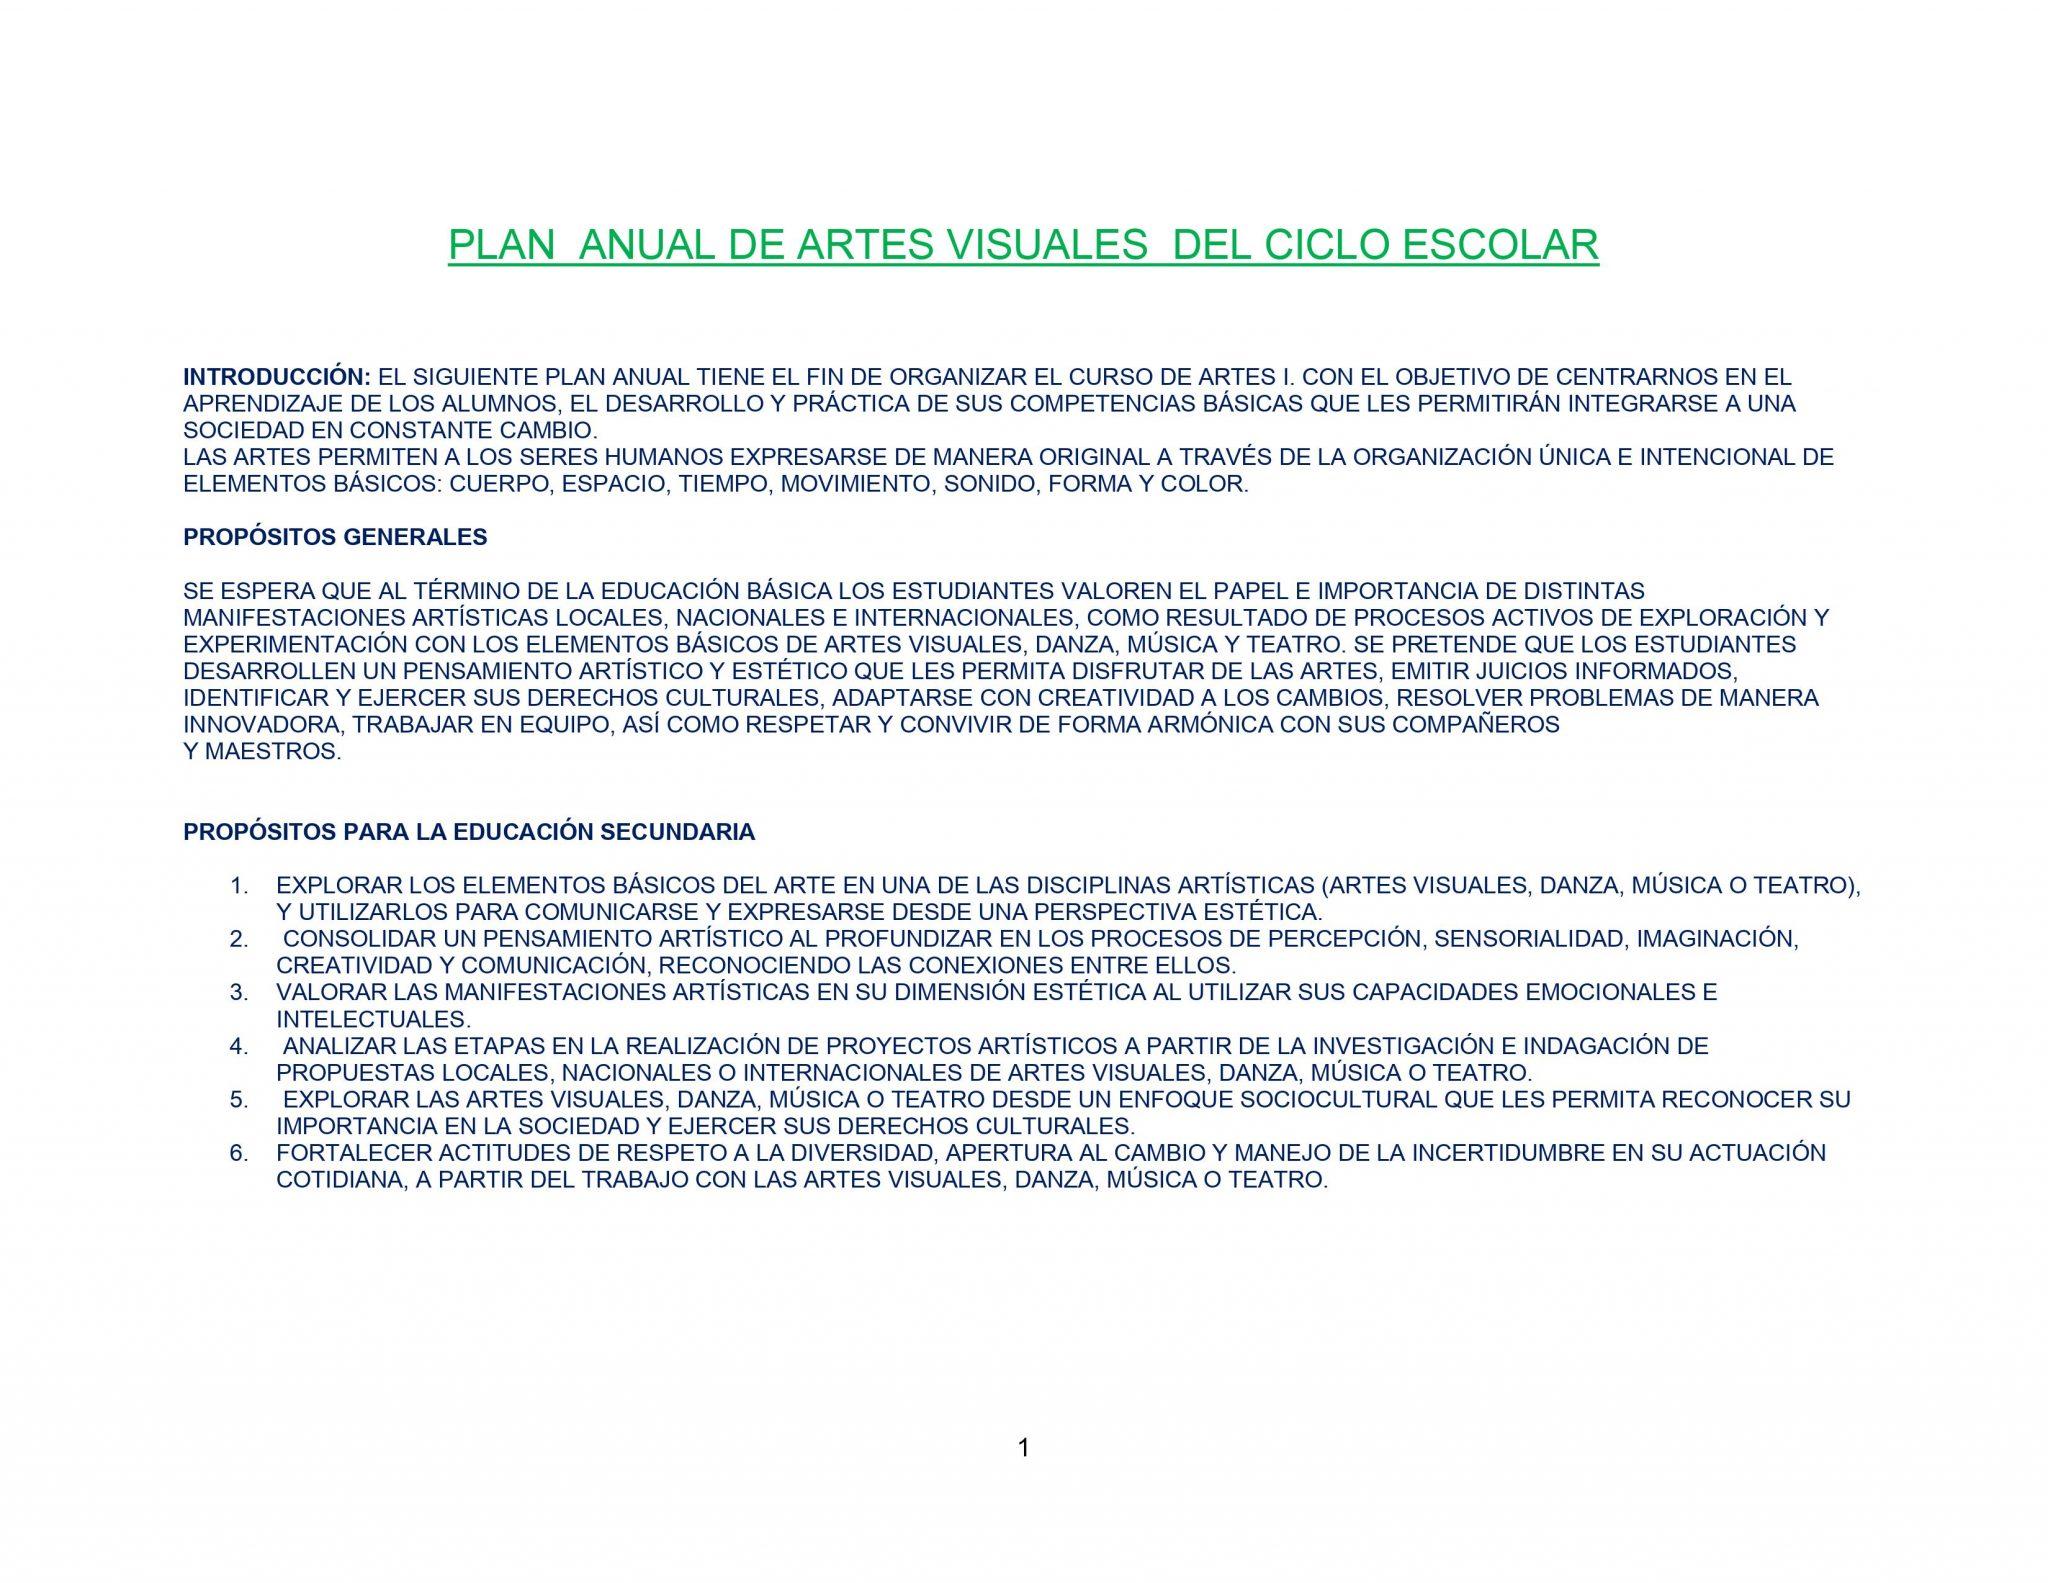 DOSIFICACIÓN ARTES VISUALES 1 Trimestral 01